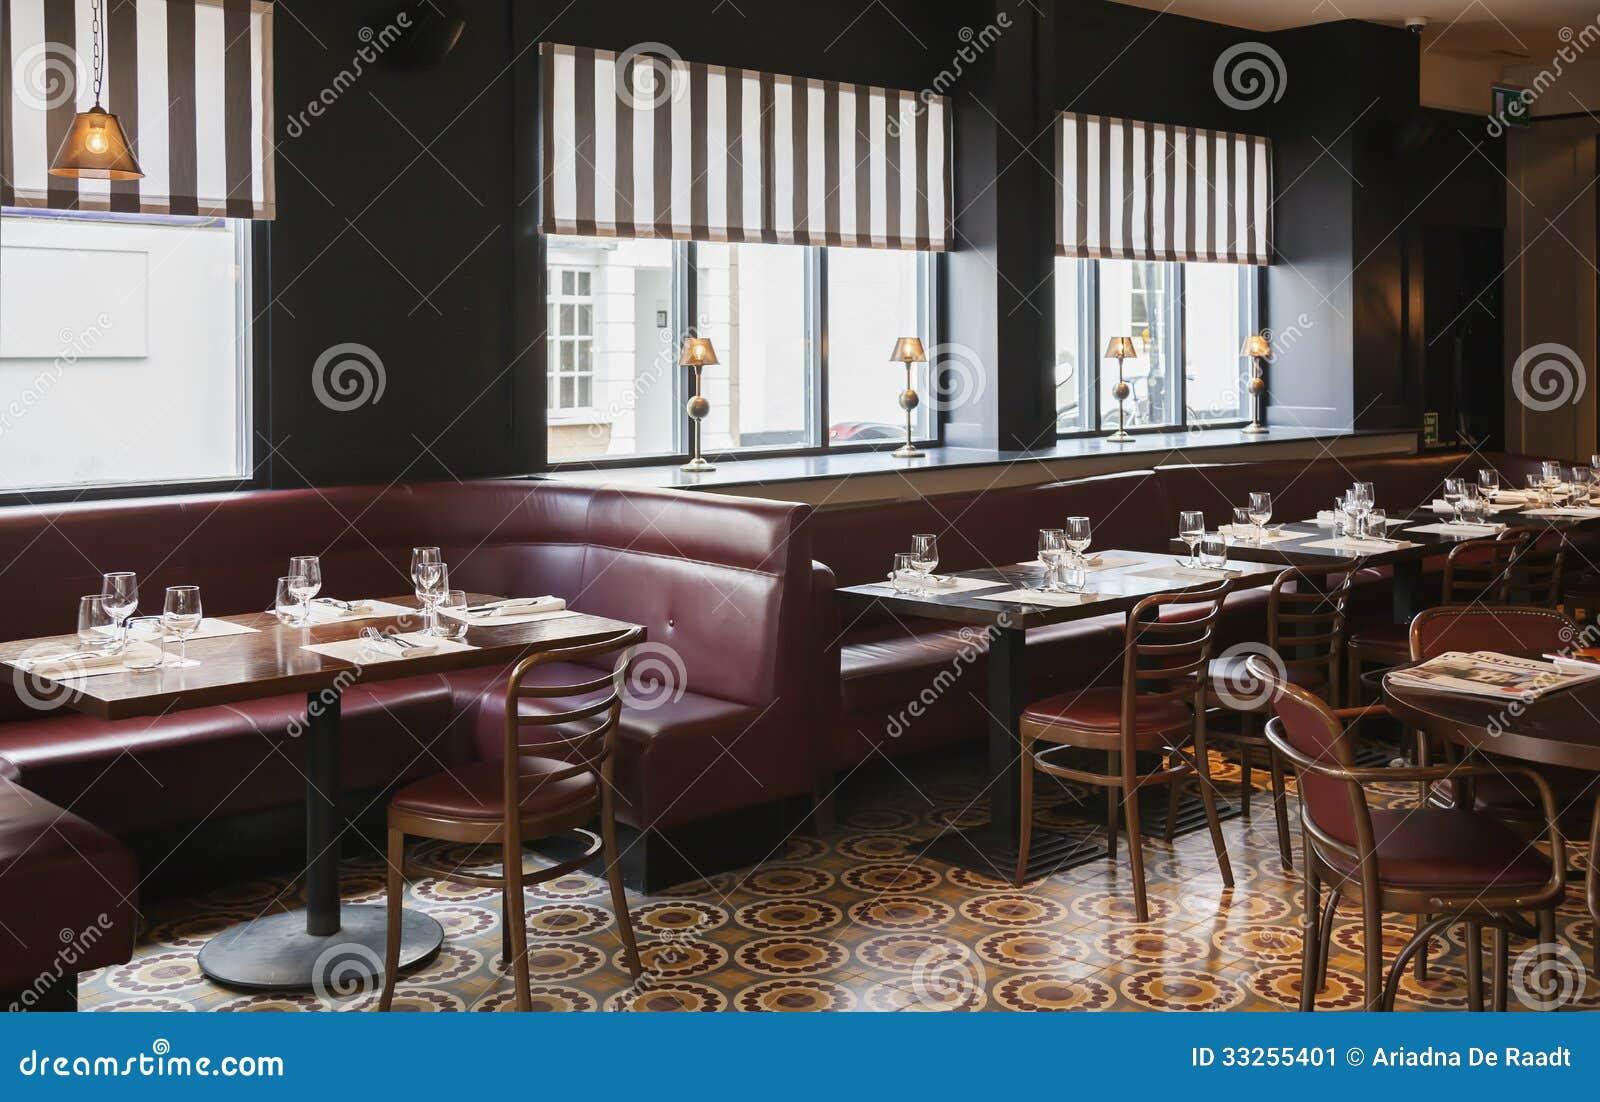 Table in modern restaurant